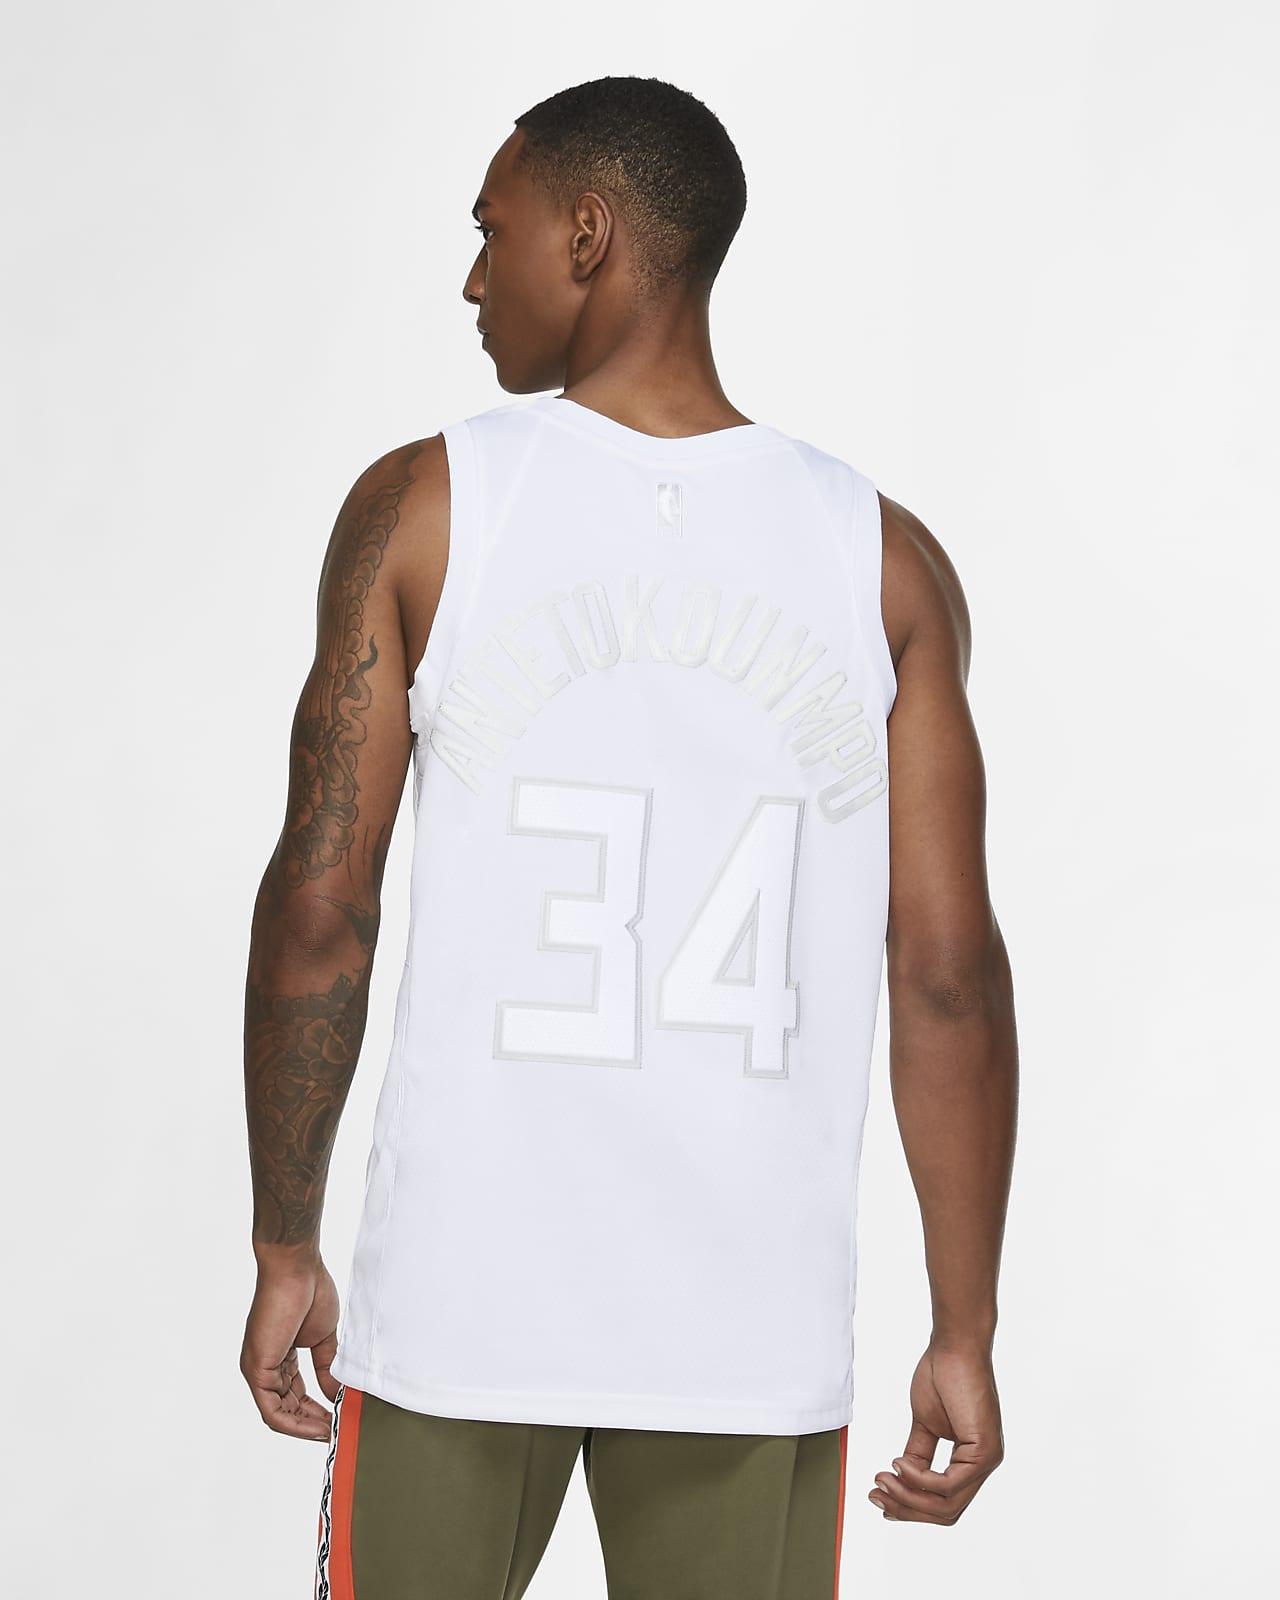 Maillot Nike NBA Giannis Antetokounmpo Bucks MVP pour Homme